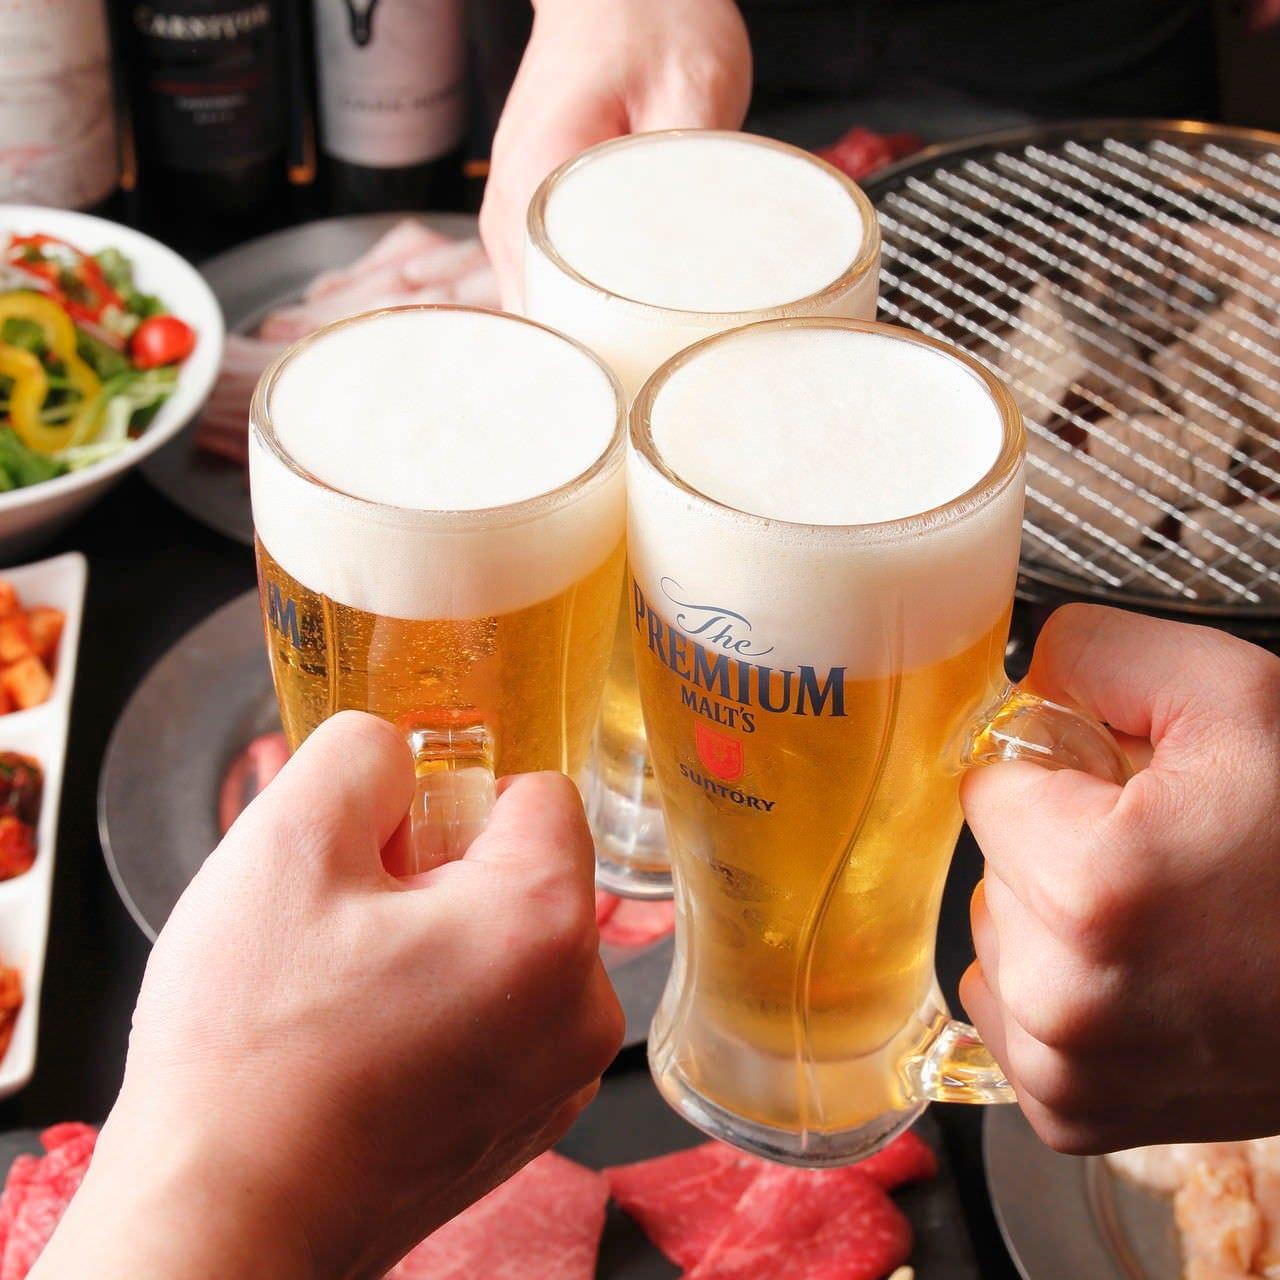 食べ放題コースにお得な飲み放題をお付けすることが出来ます!